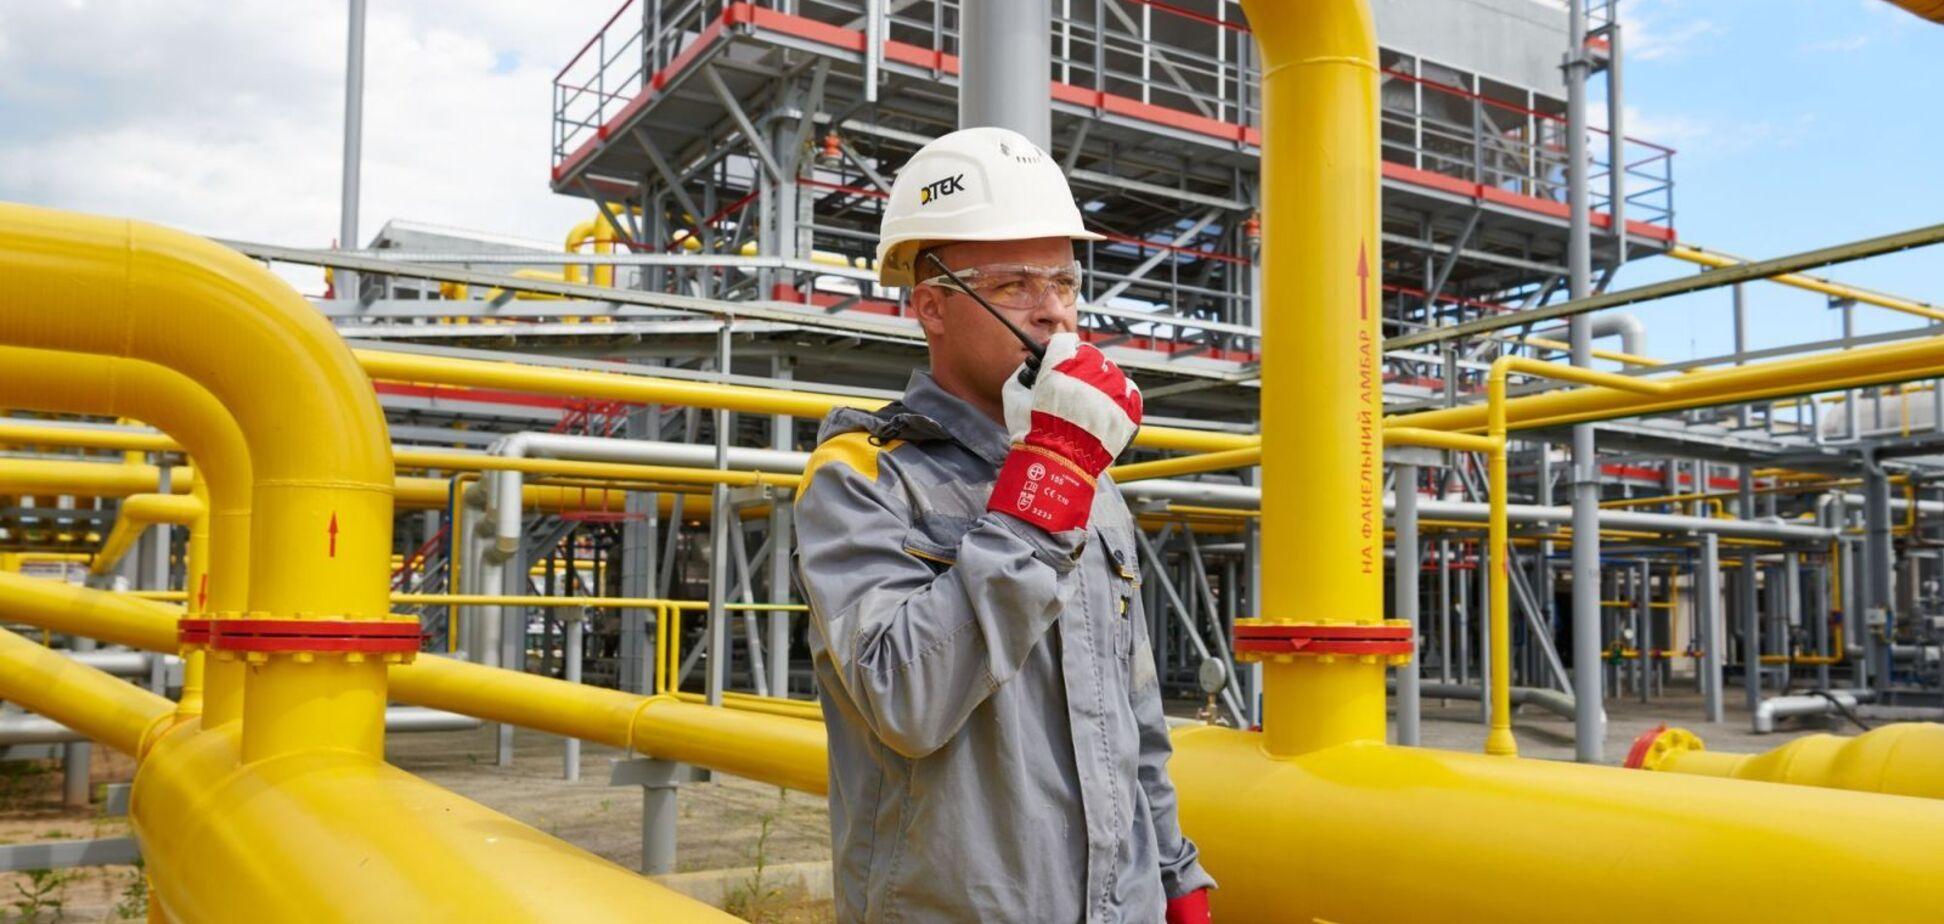 ДТЭК 'Нефтегаз' подписал СРП по Зиньковской площади